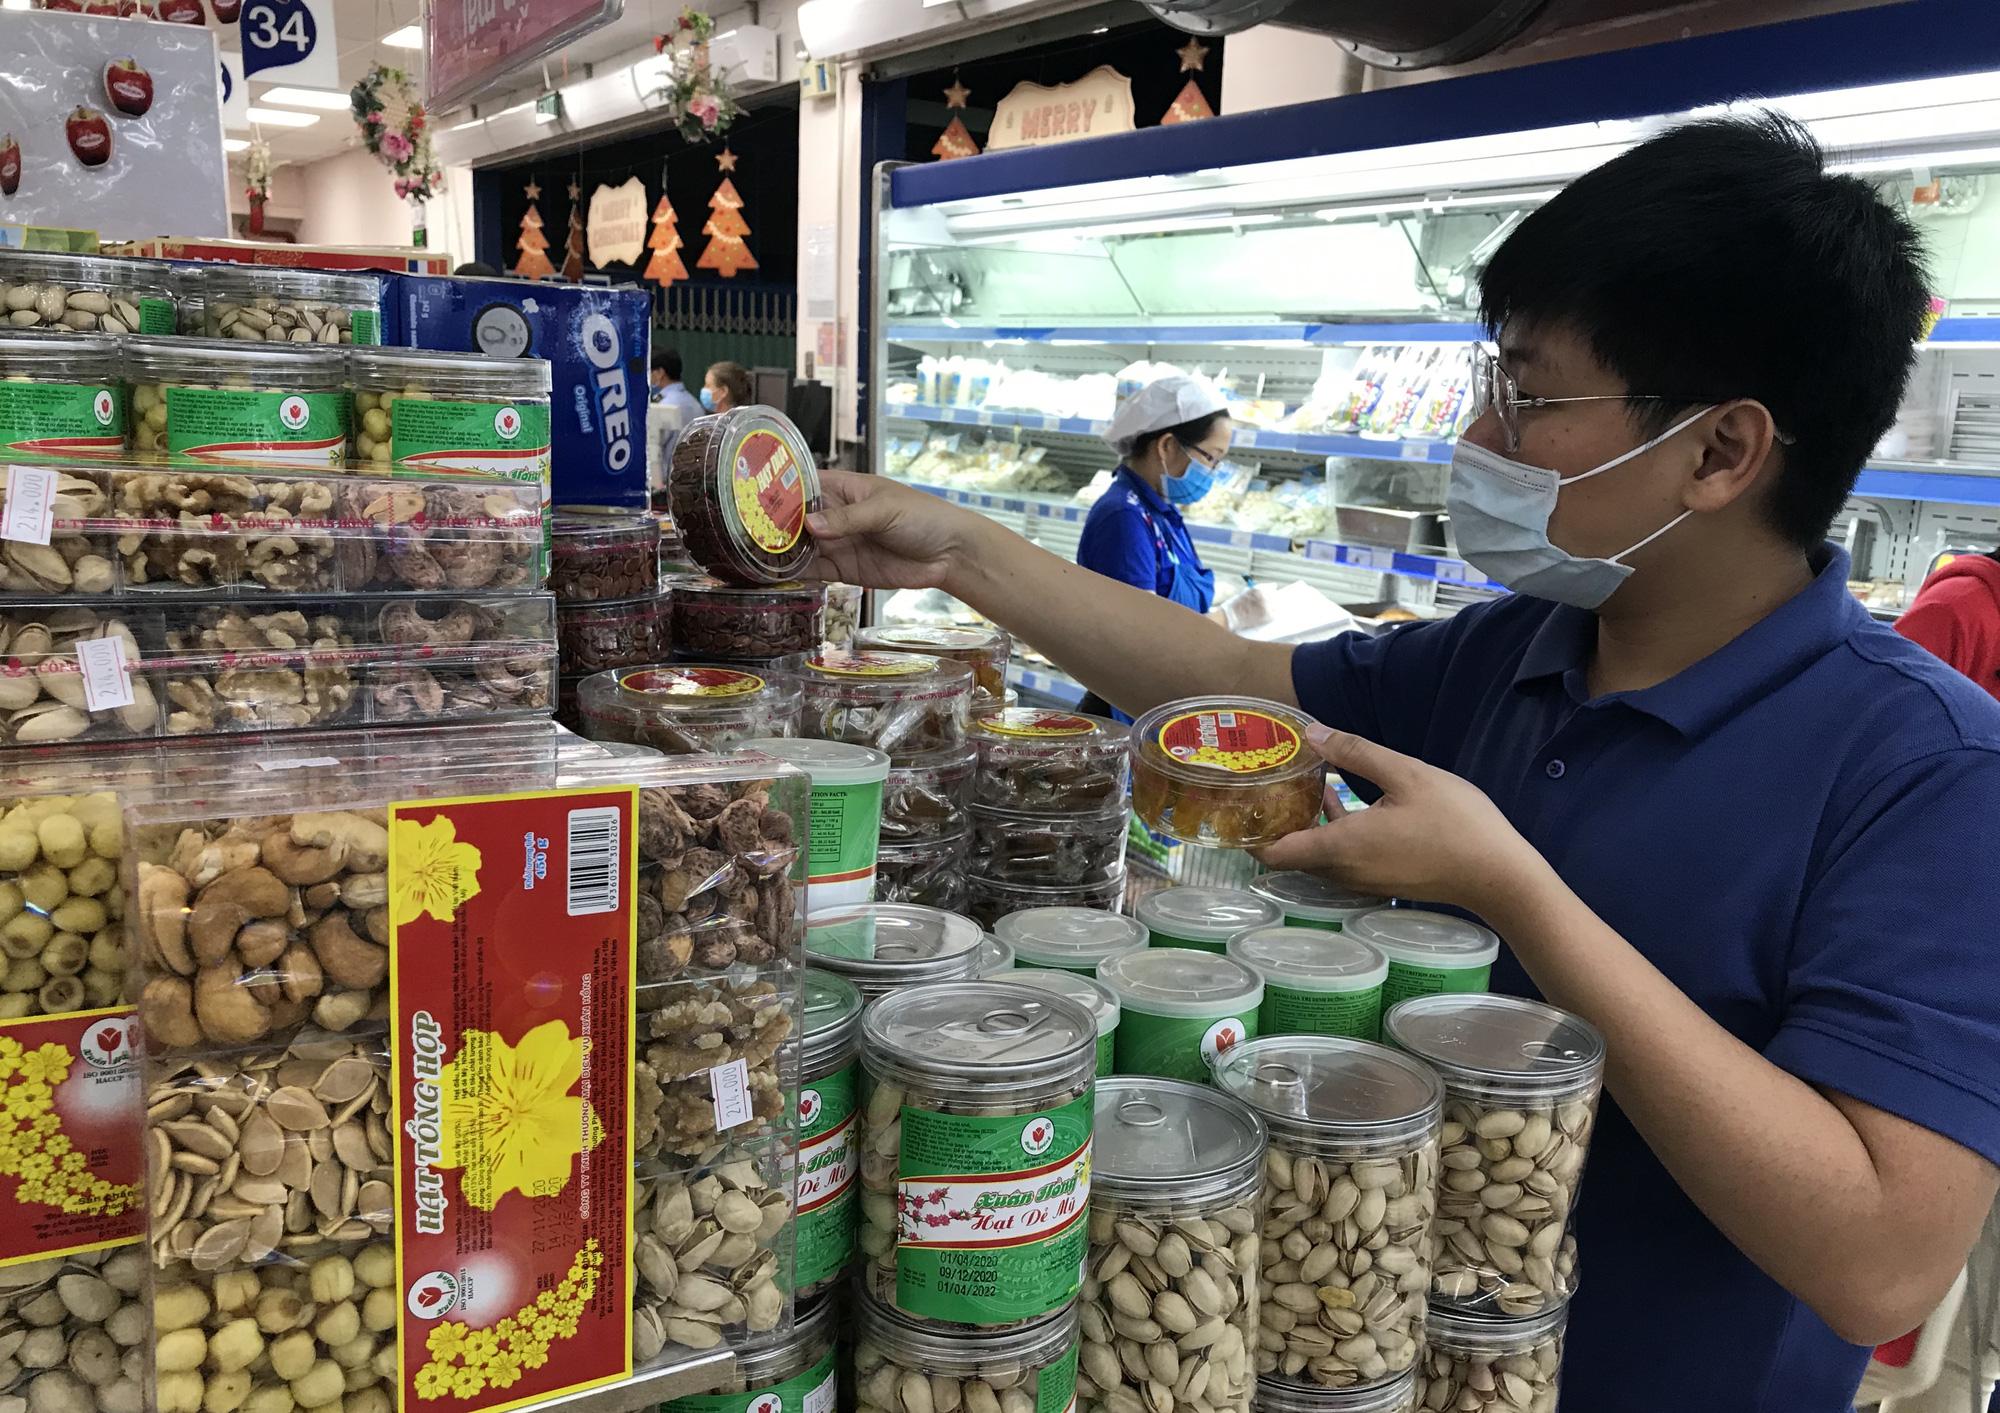 Hàng Tết đầy siêu thị, người dân mua sắm sớm - Ảnh 1.